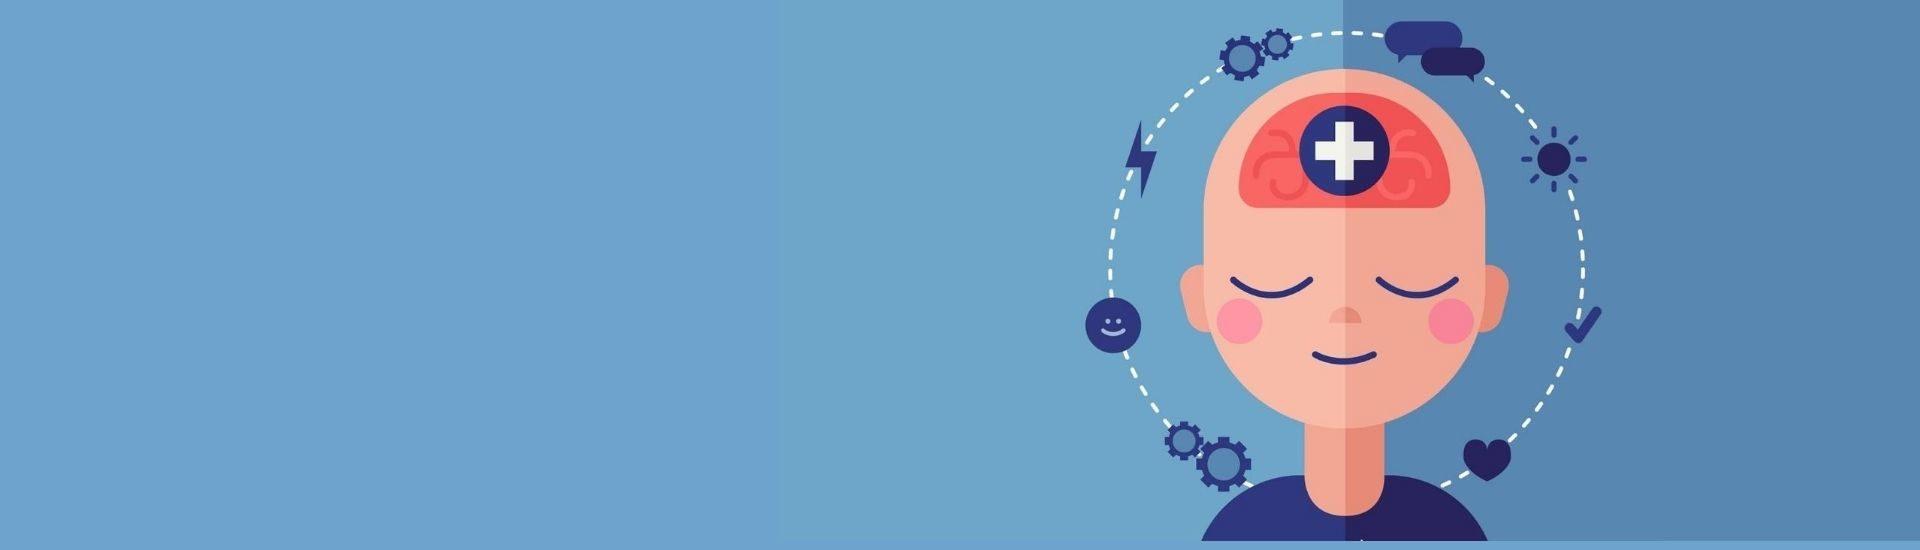 Un niño teniendo un proceso mental de pensamiento, se ve una ilustración de primer plano, en tonos azules. El niño está con una expresión de tranquilidad